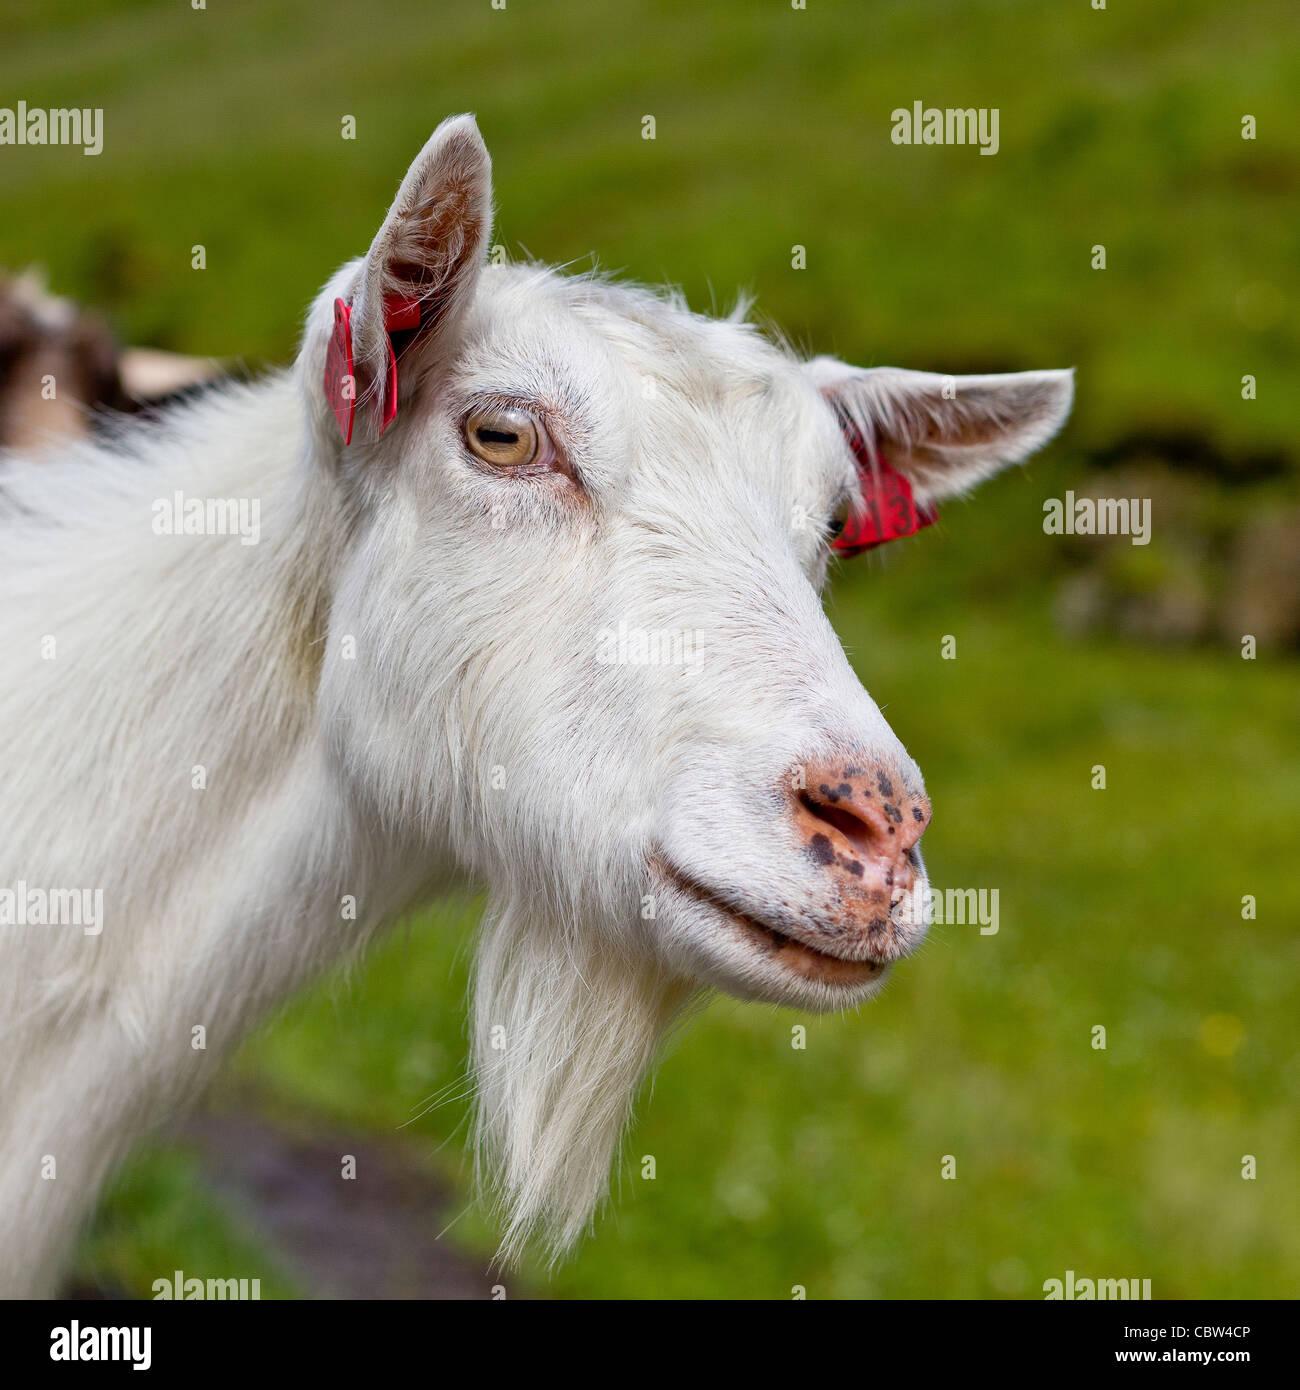 Goat, Vatnedalen, Norway - Stock Image